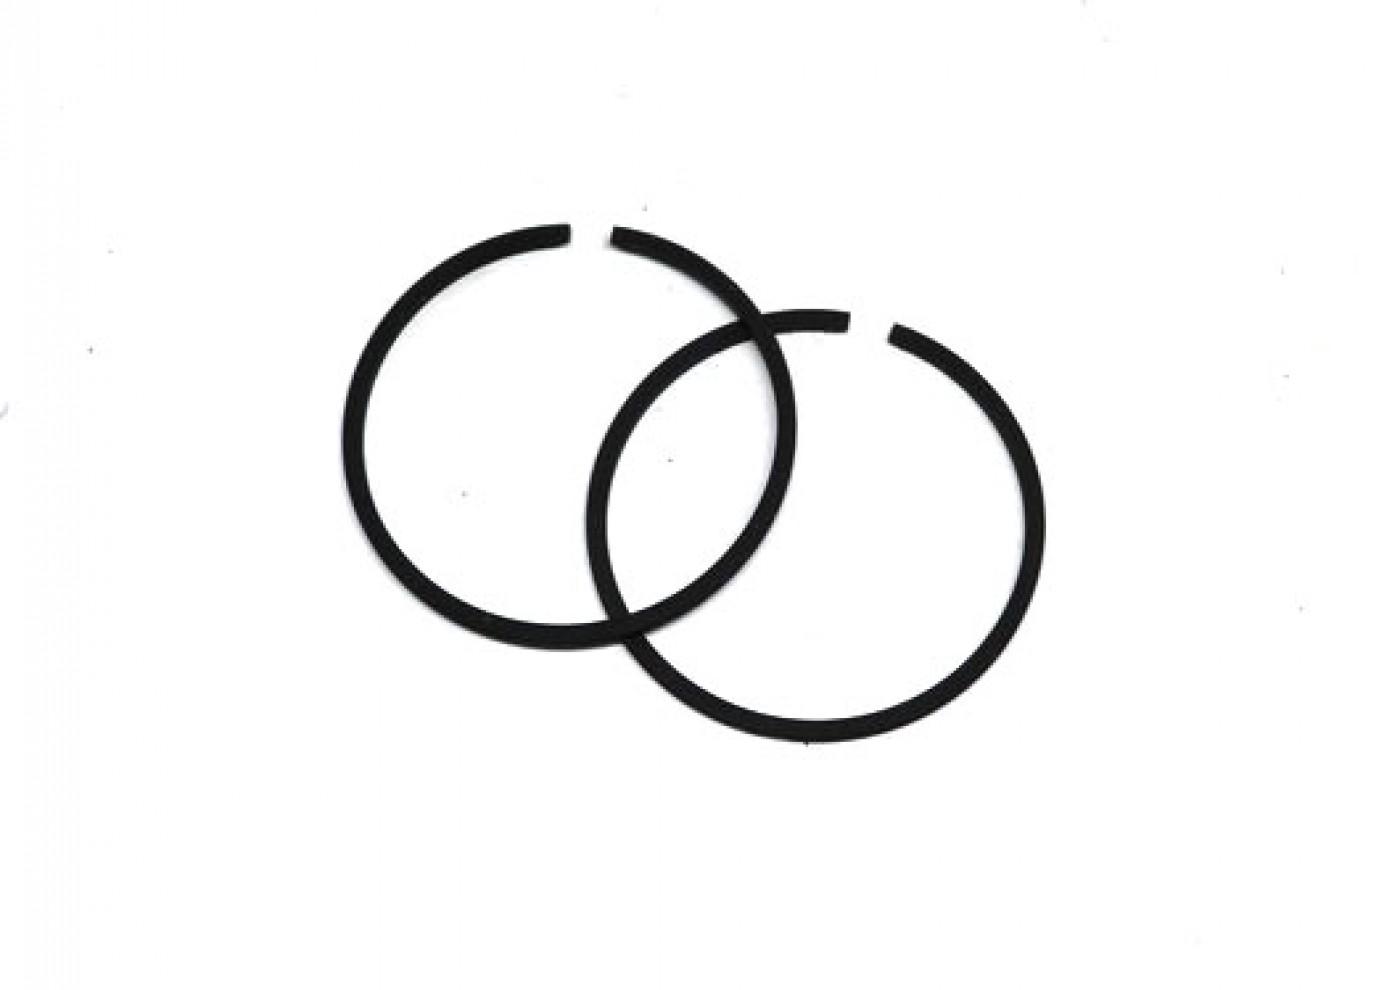 Sada pístních kroužků - 60 mm